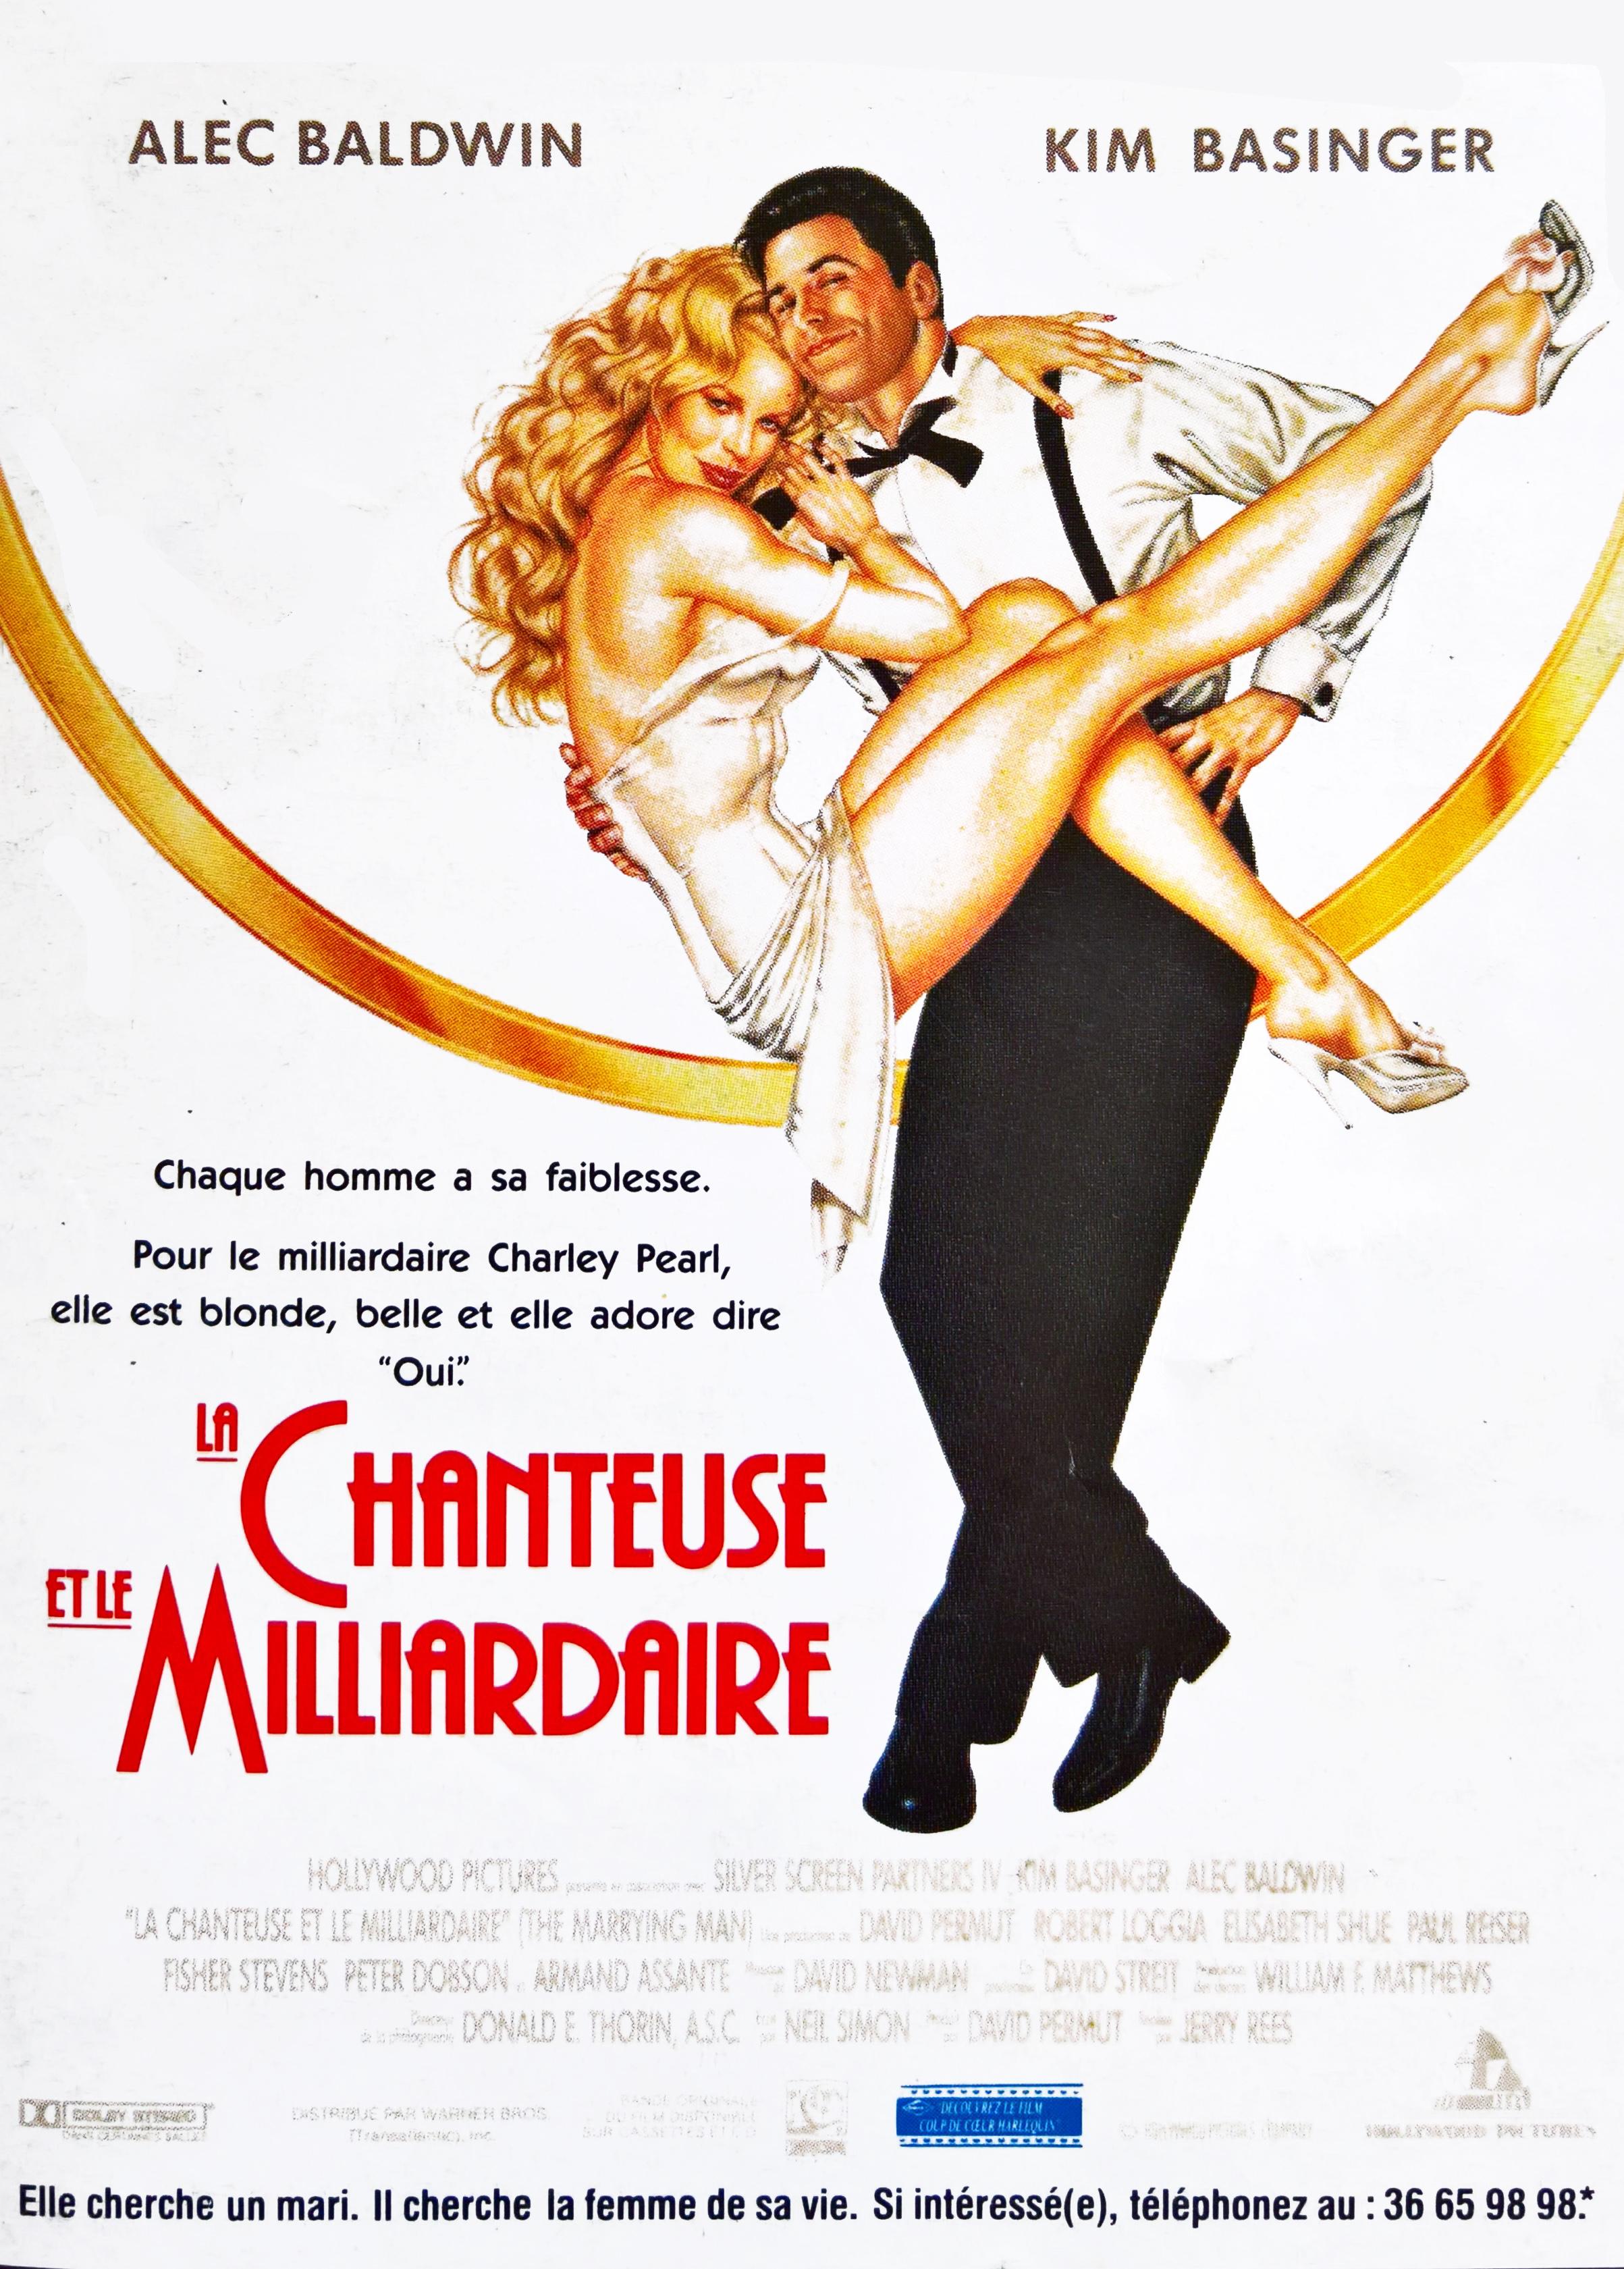 affiche du film La chanteuse et le milliardaire